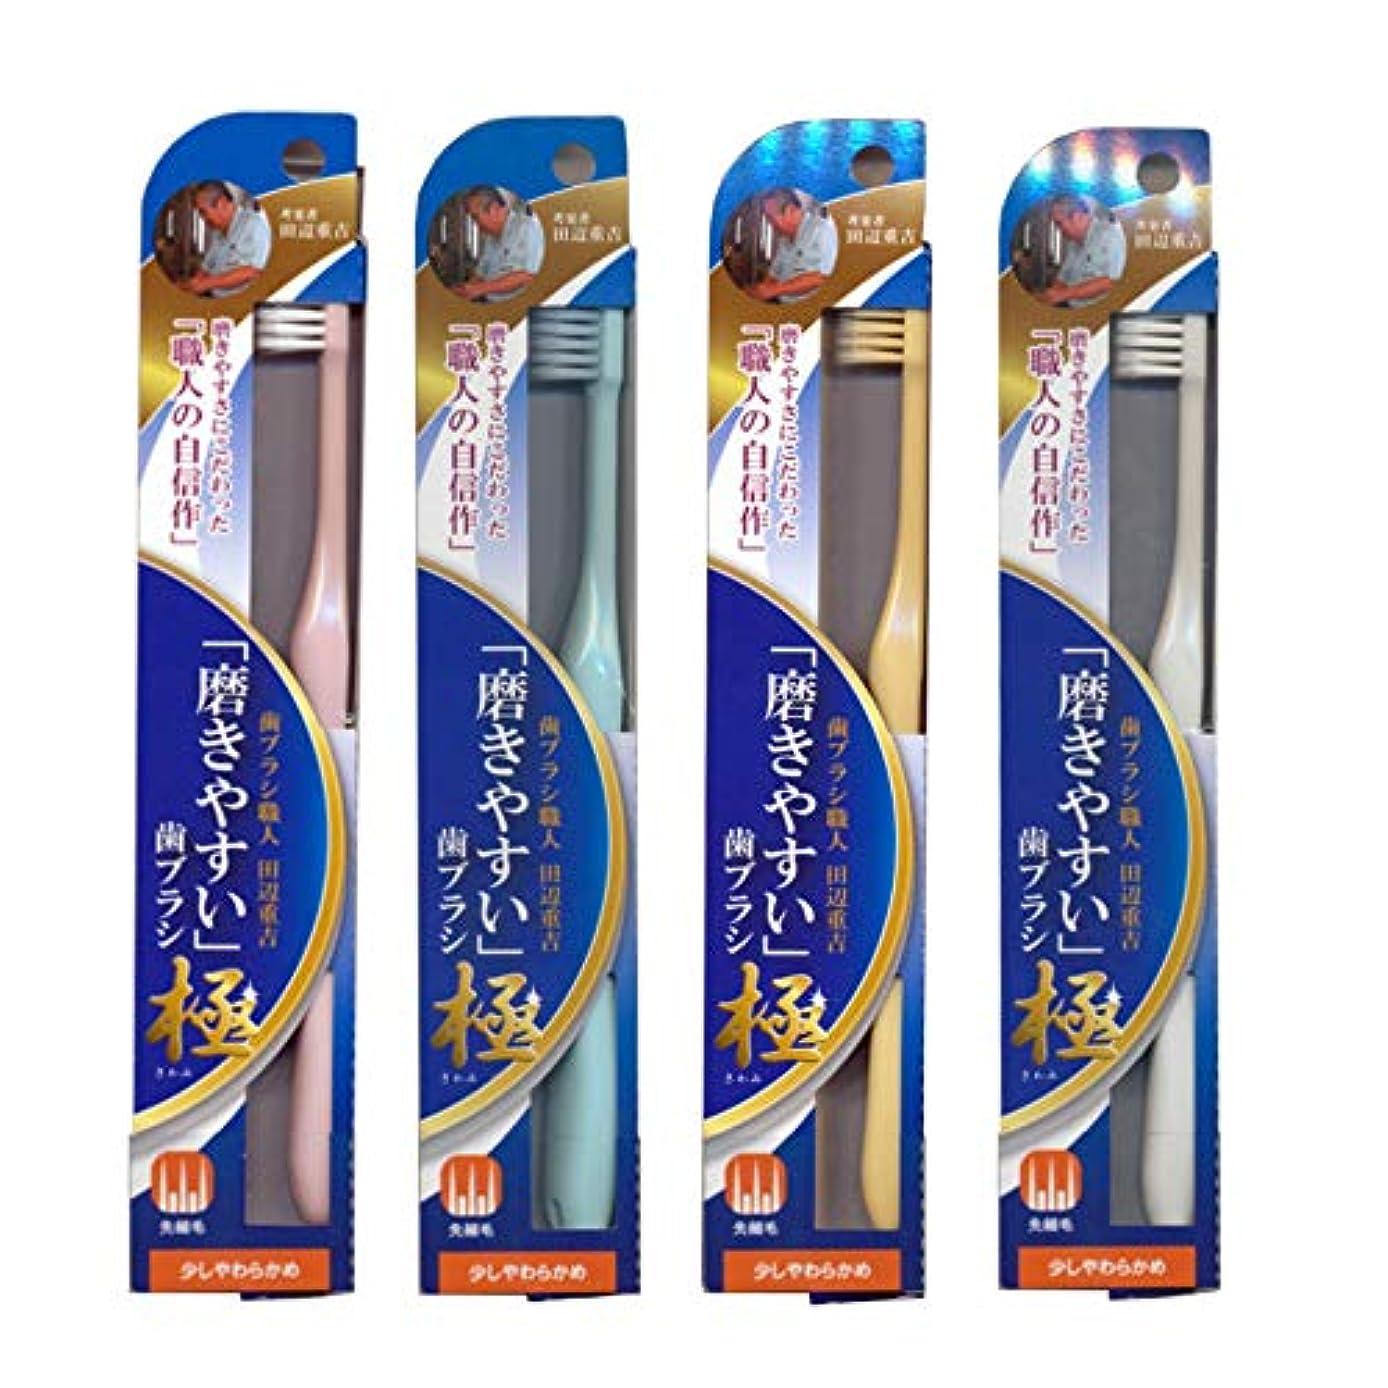 ハイジャック一致ボリューム磨きやすい歯ブラシ極 (少し柔らかめ) LT-43×4本セット(ピンク×1、ブルー×1、ホワイト×1、イエロー×1) 先細毛